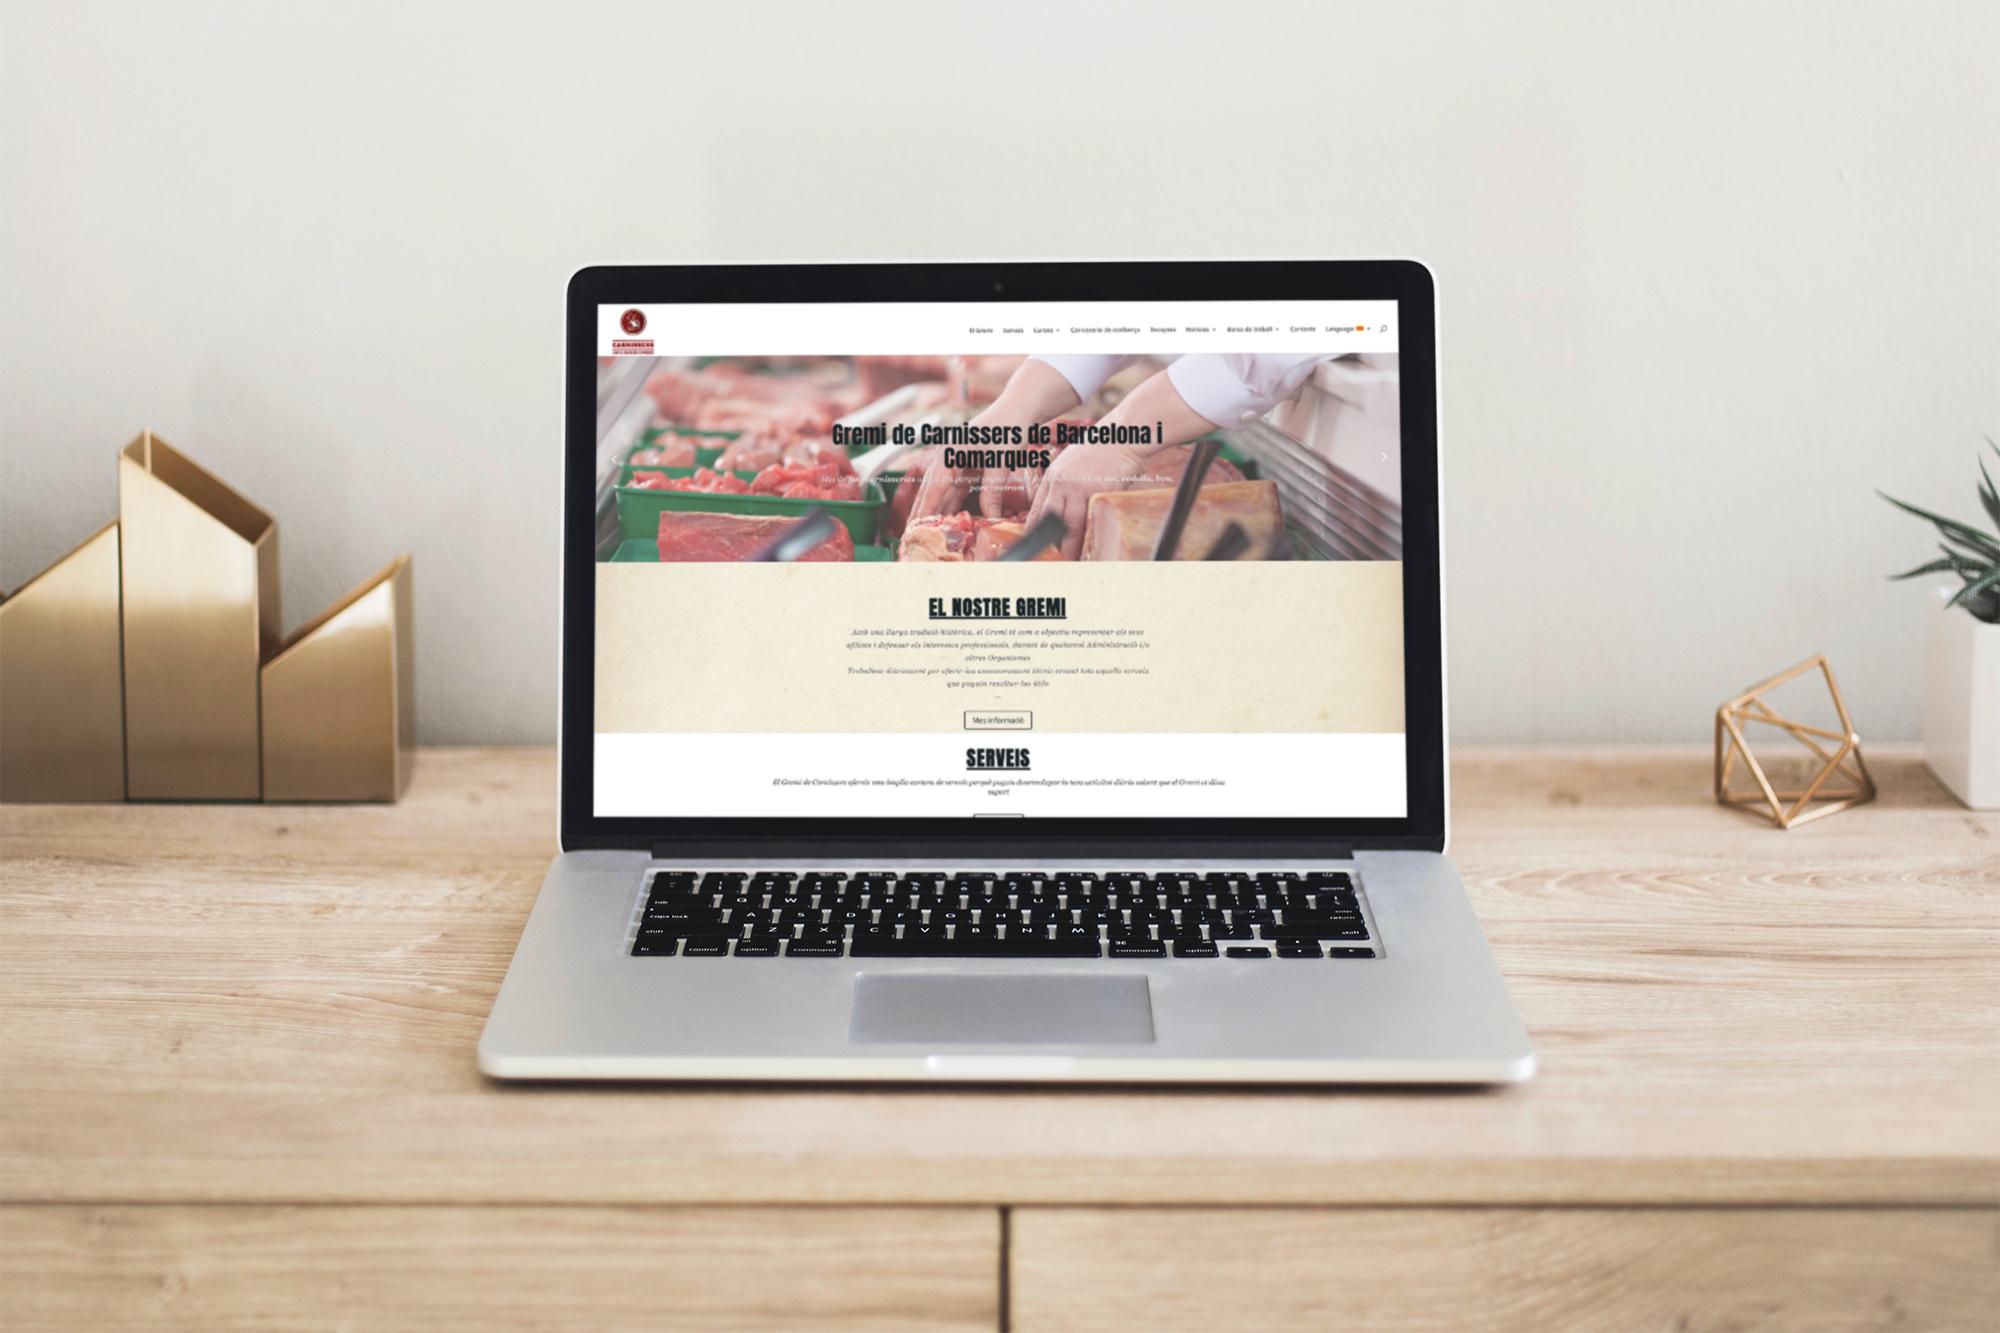 ¡Ya está aquí la nueva web del Gremi Carnissers de Barcelona!